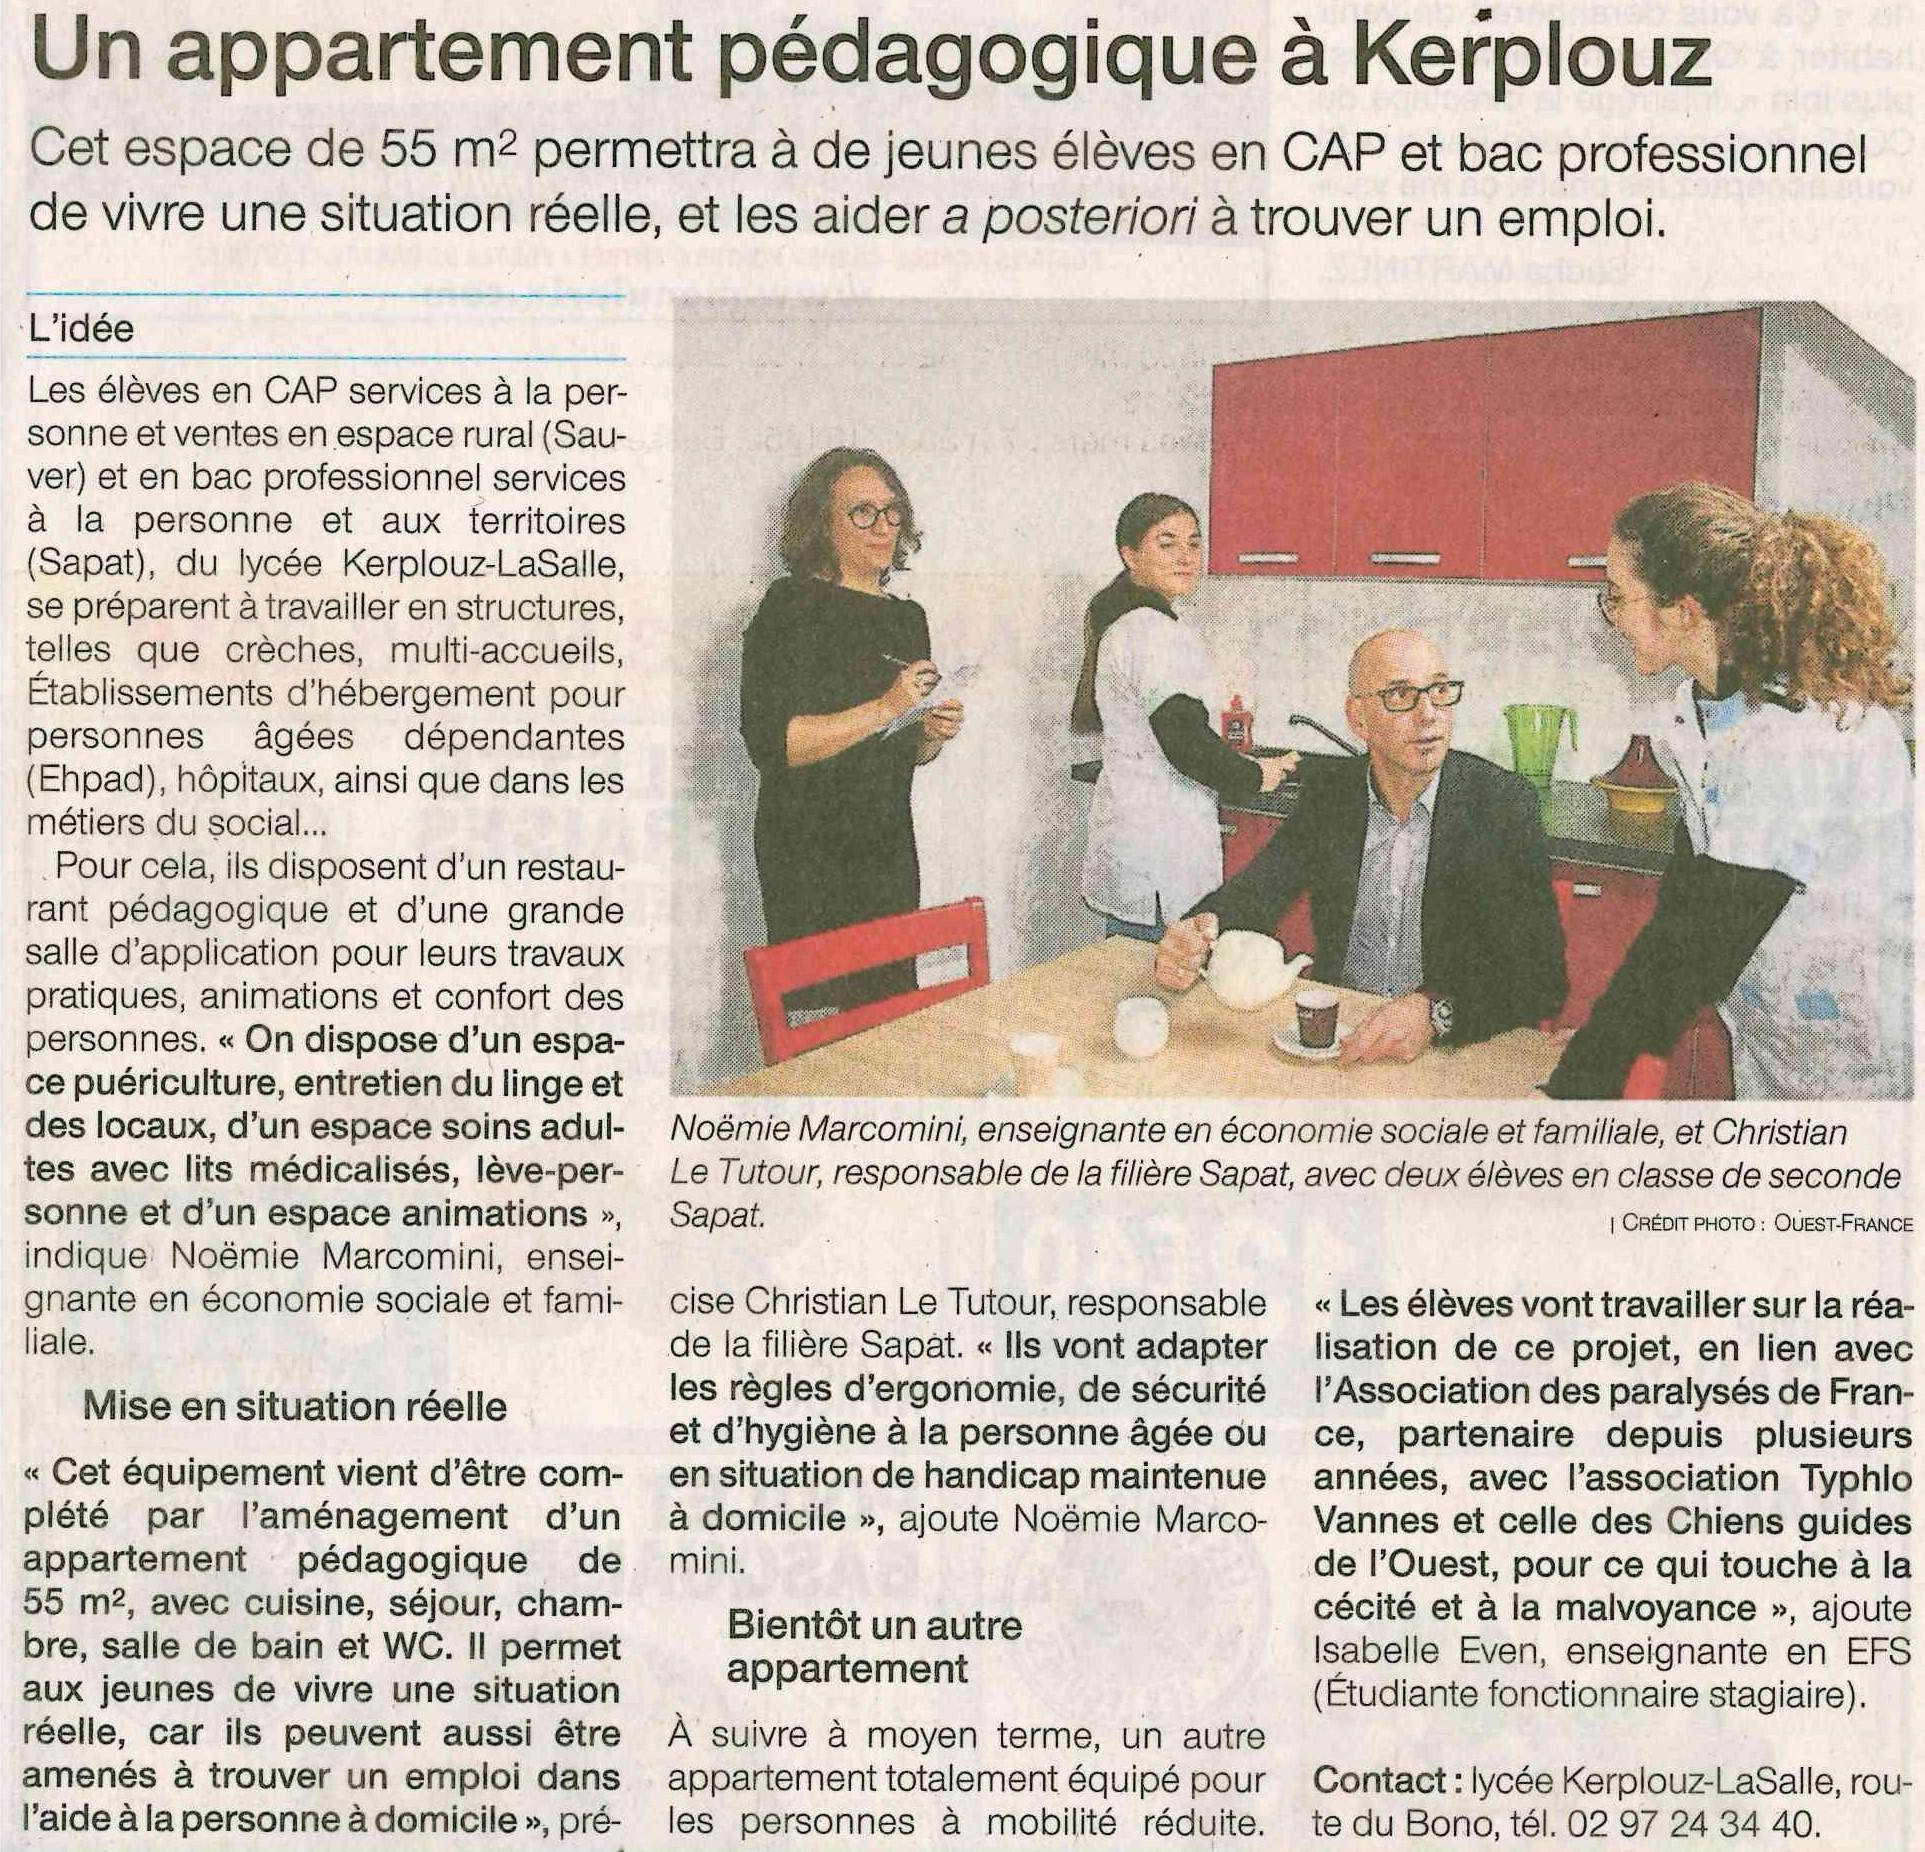 Un appartement pédagogique à Kerplouz